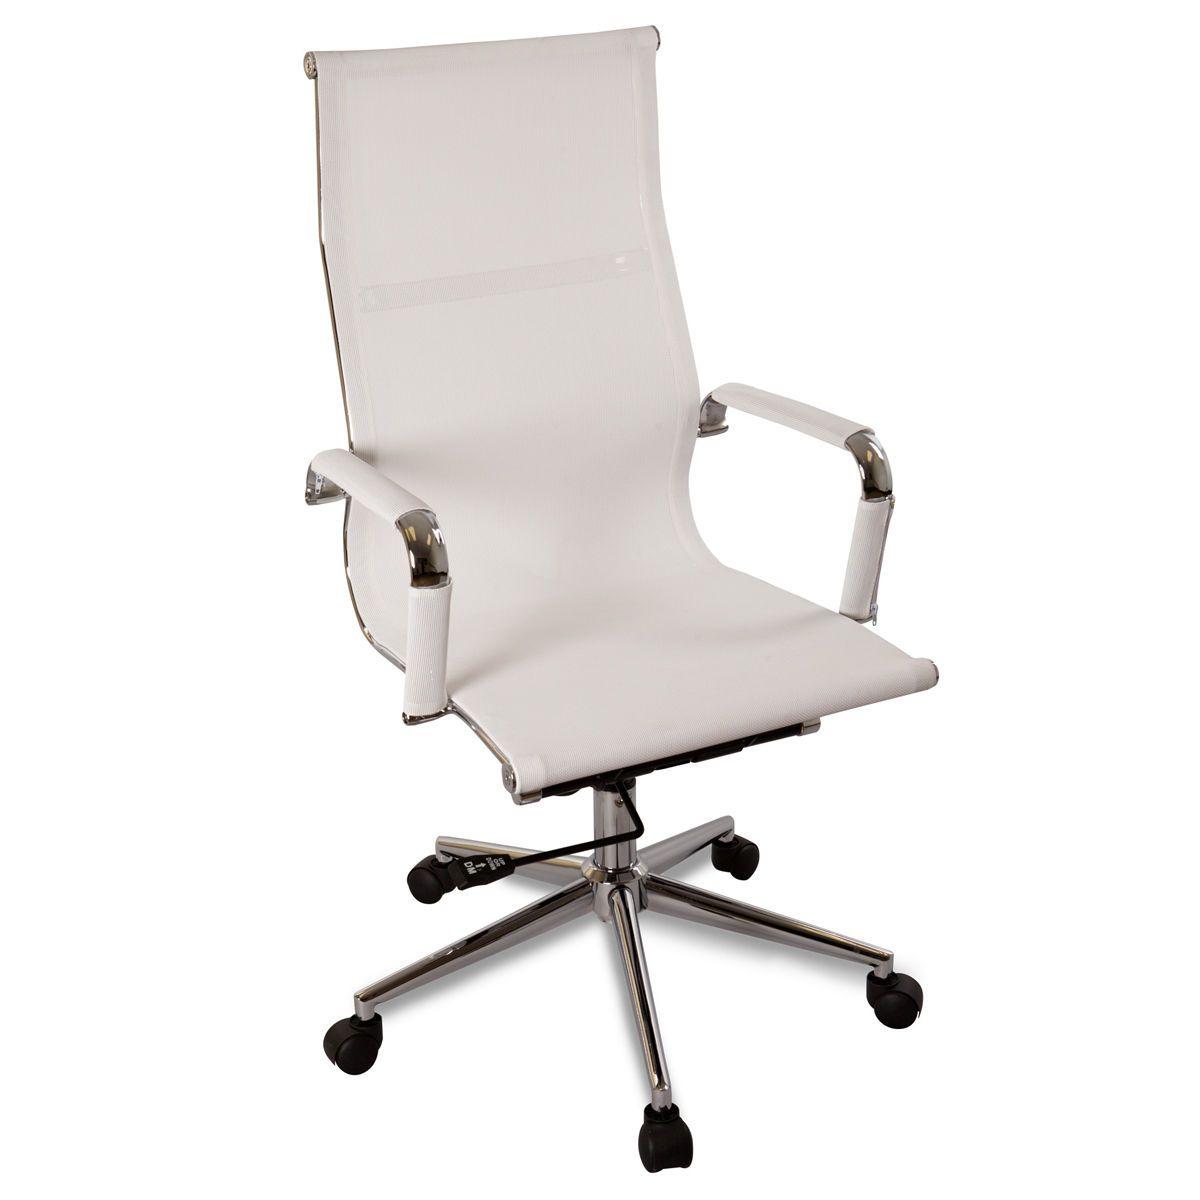 Cadeira de Escritório Modelo Eames Esteirinha Mesh Encosto Alto + Rodinhas